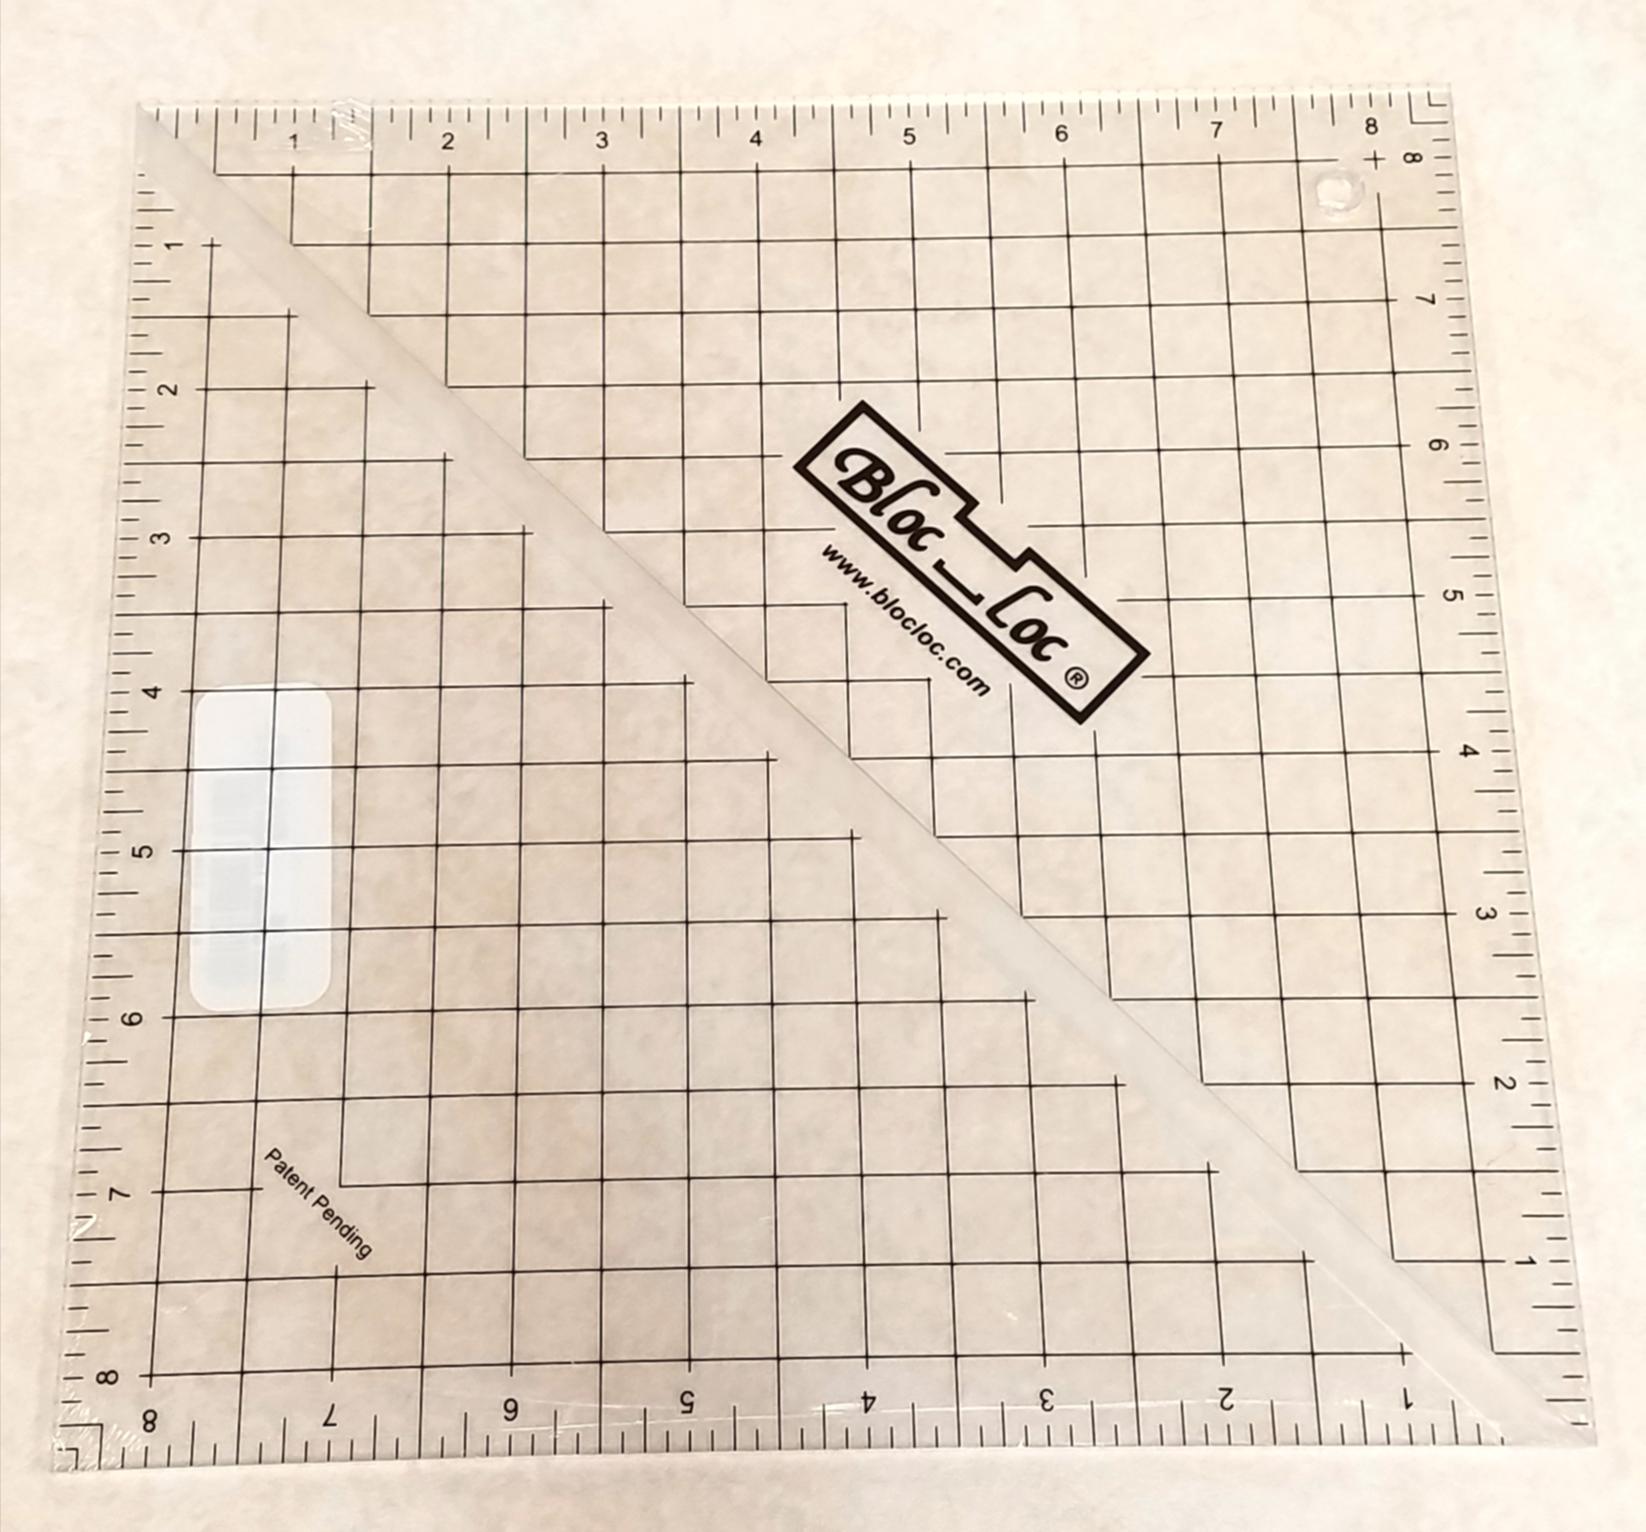 Bloc Loc 8.5 Half Square Triangle Ruler